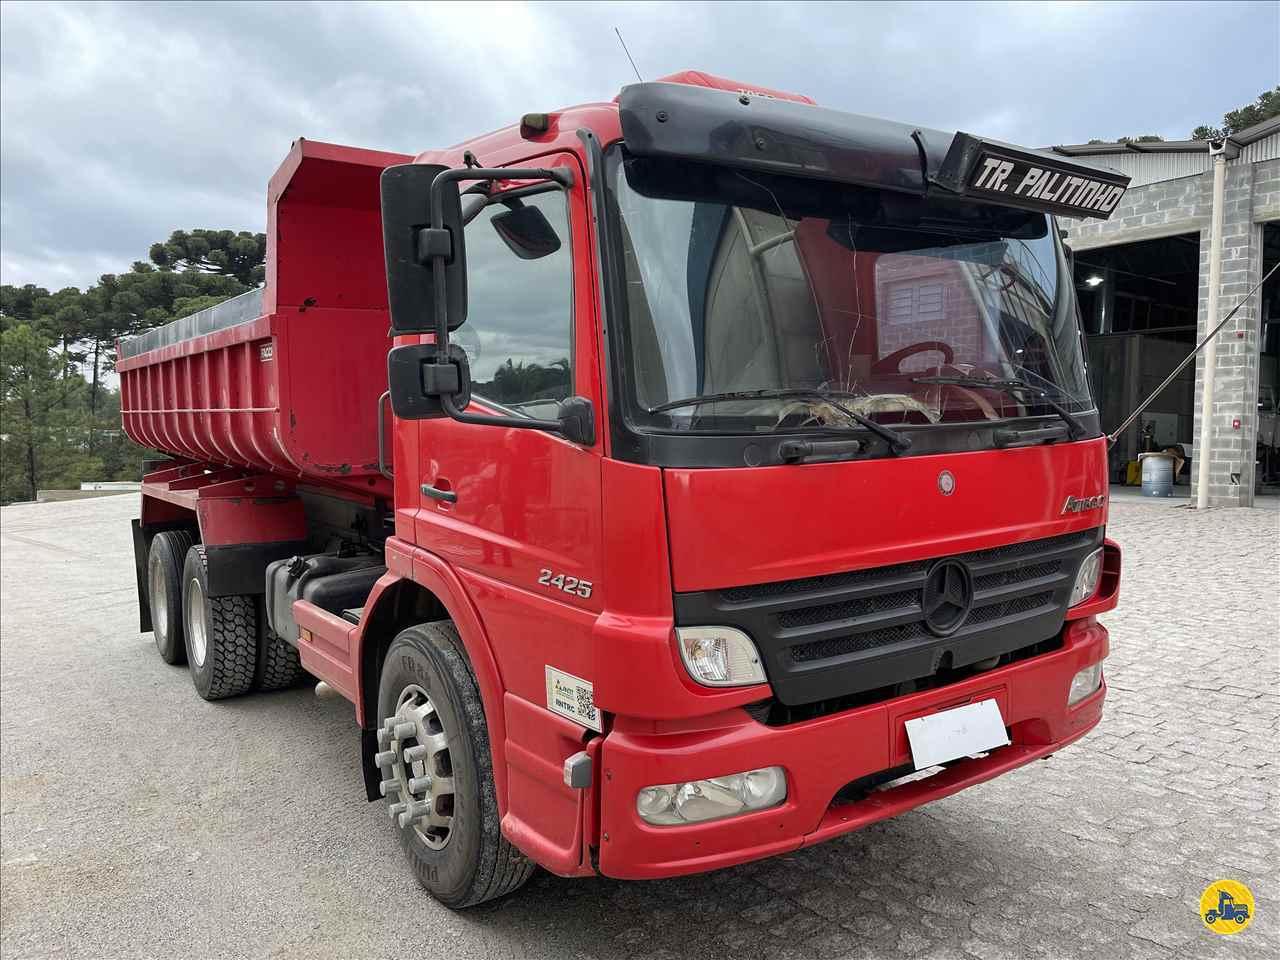 CAMINHAO MERCEDES-BENZ MB 2425 Caçamba Basculante Truck 6x2 Rodricardo Caminhões COLOMBO PARANÁ PR